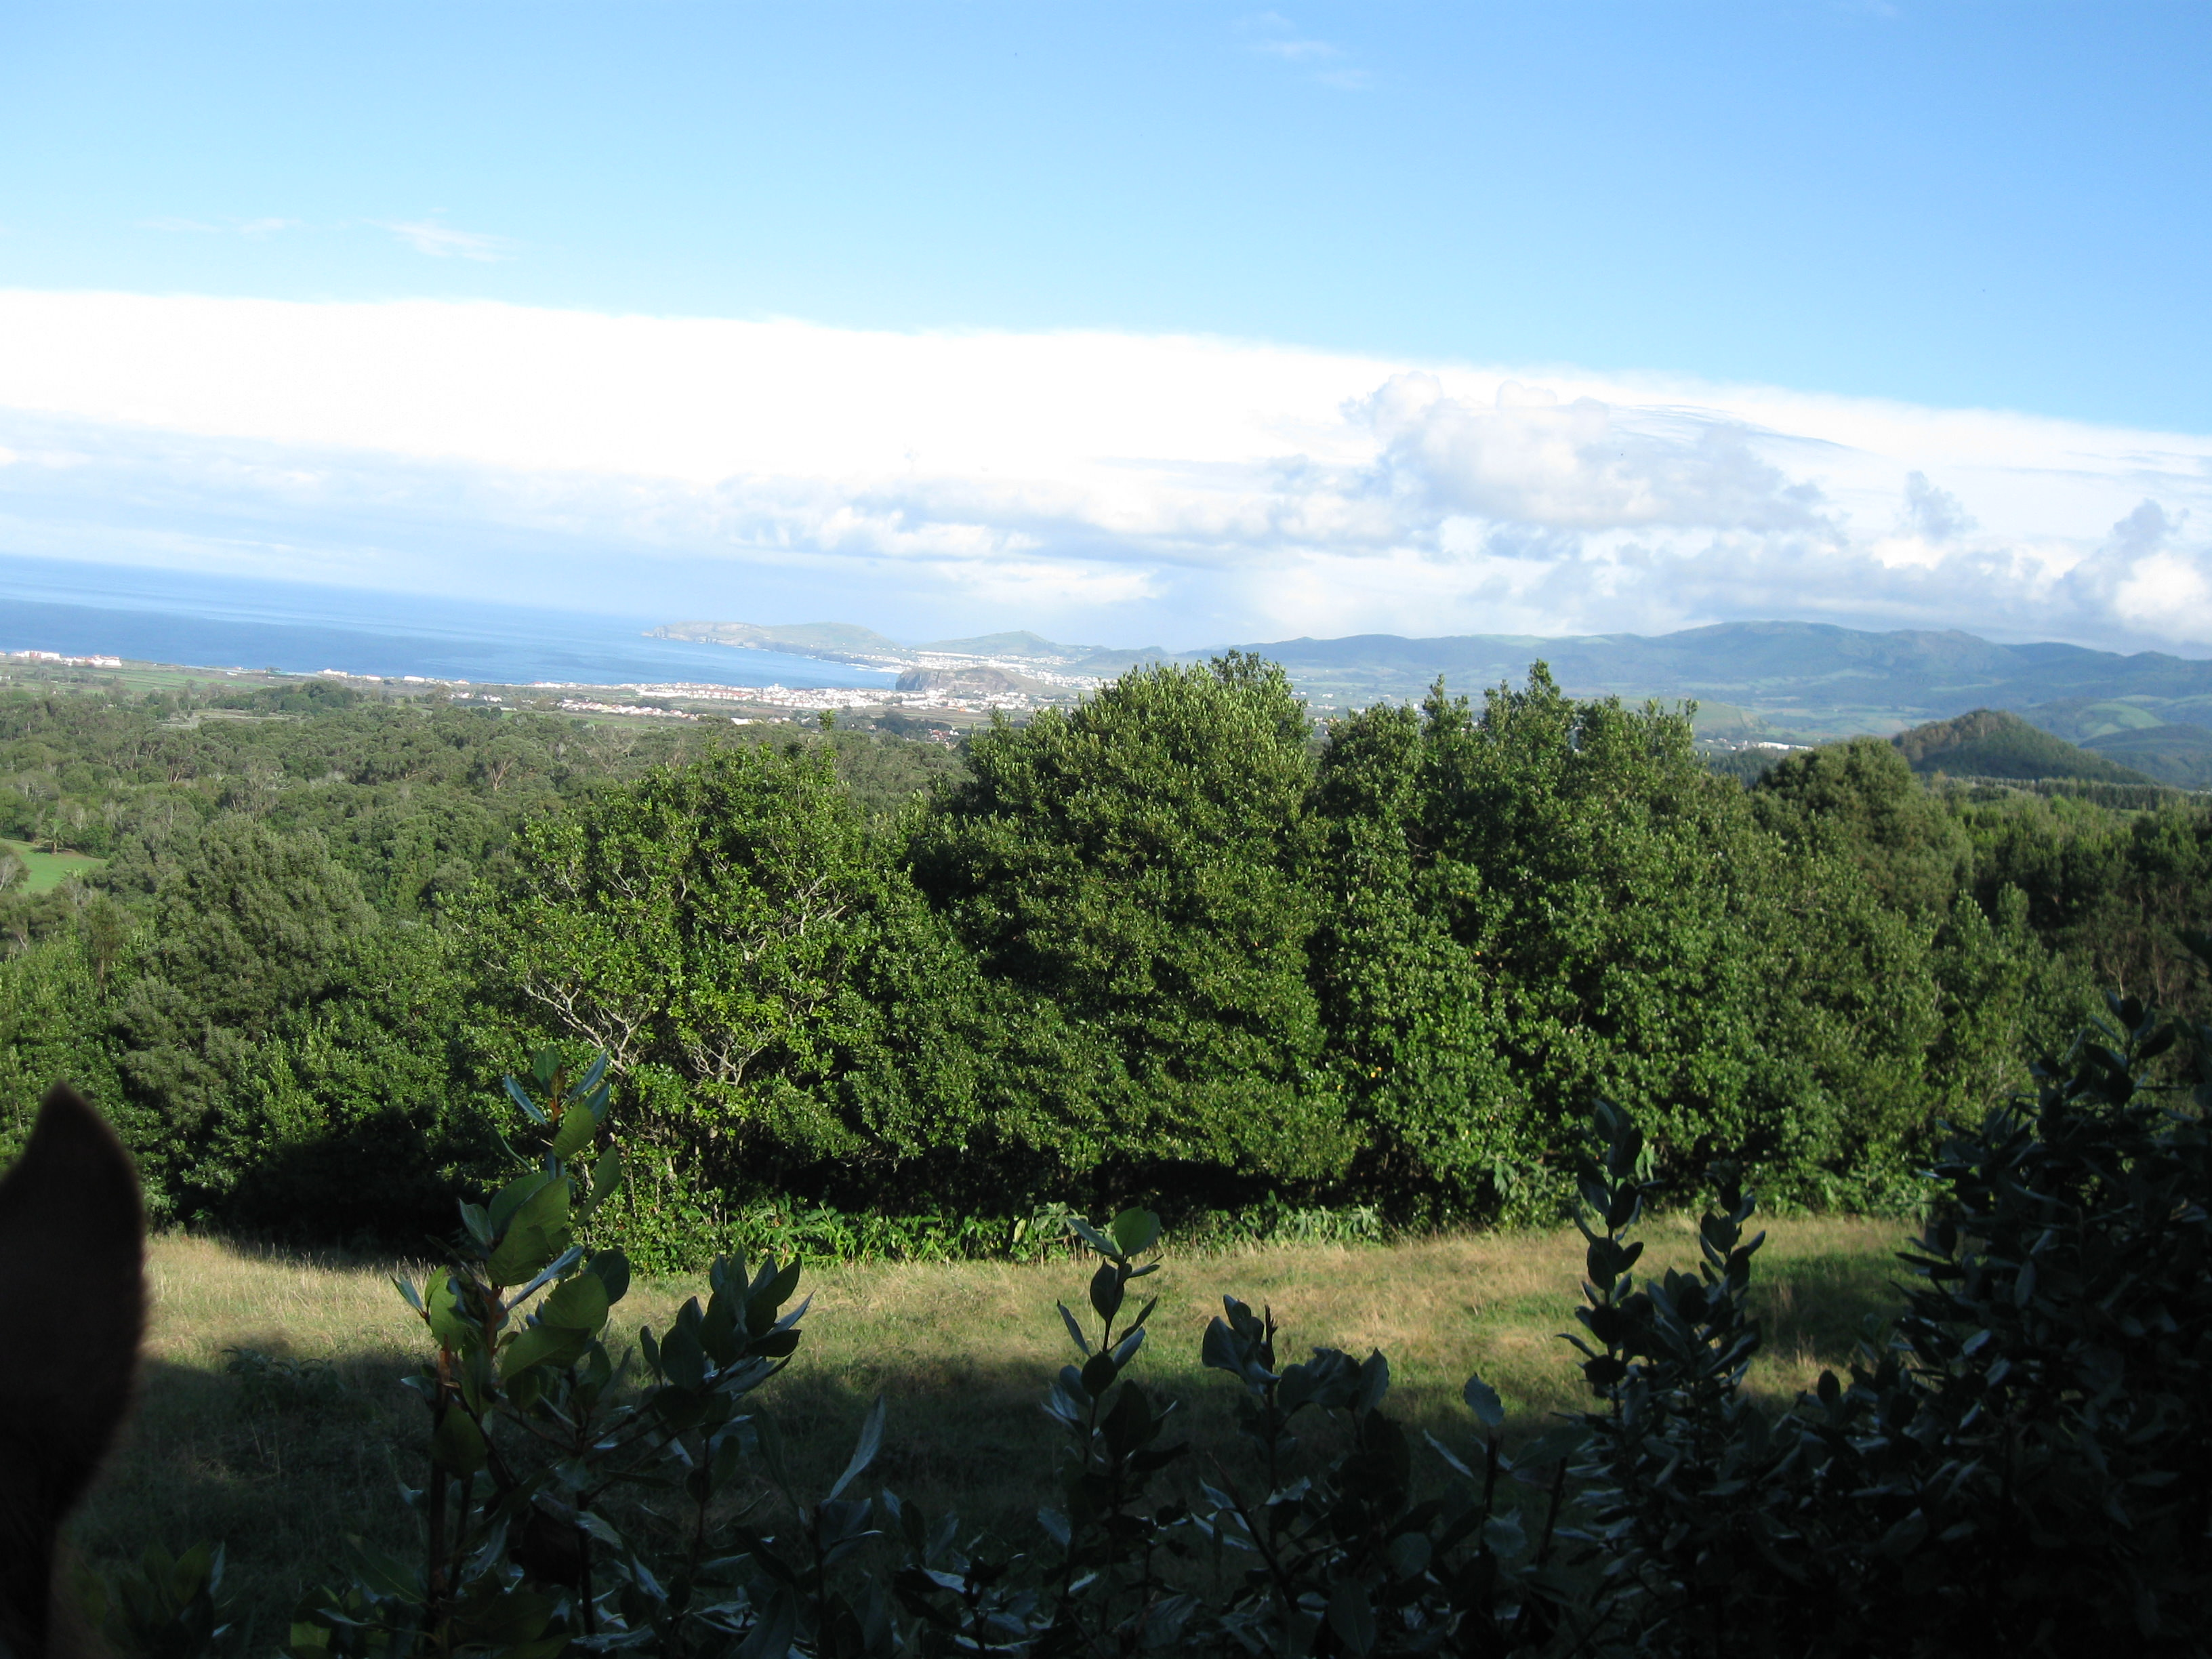 azores scenery